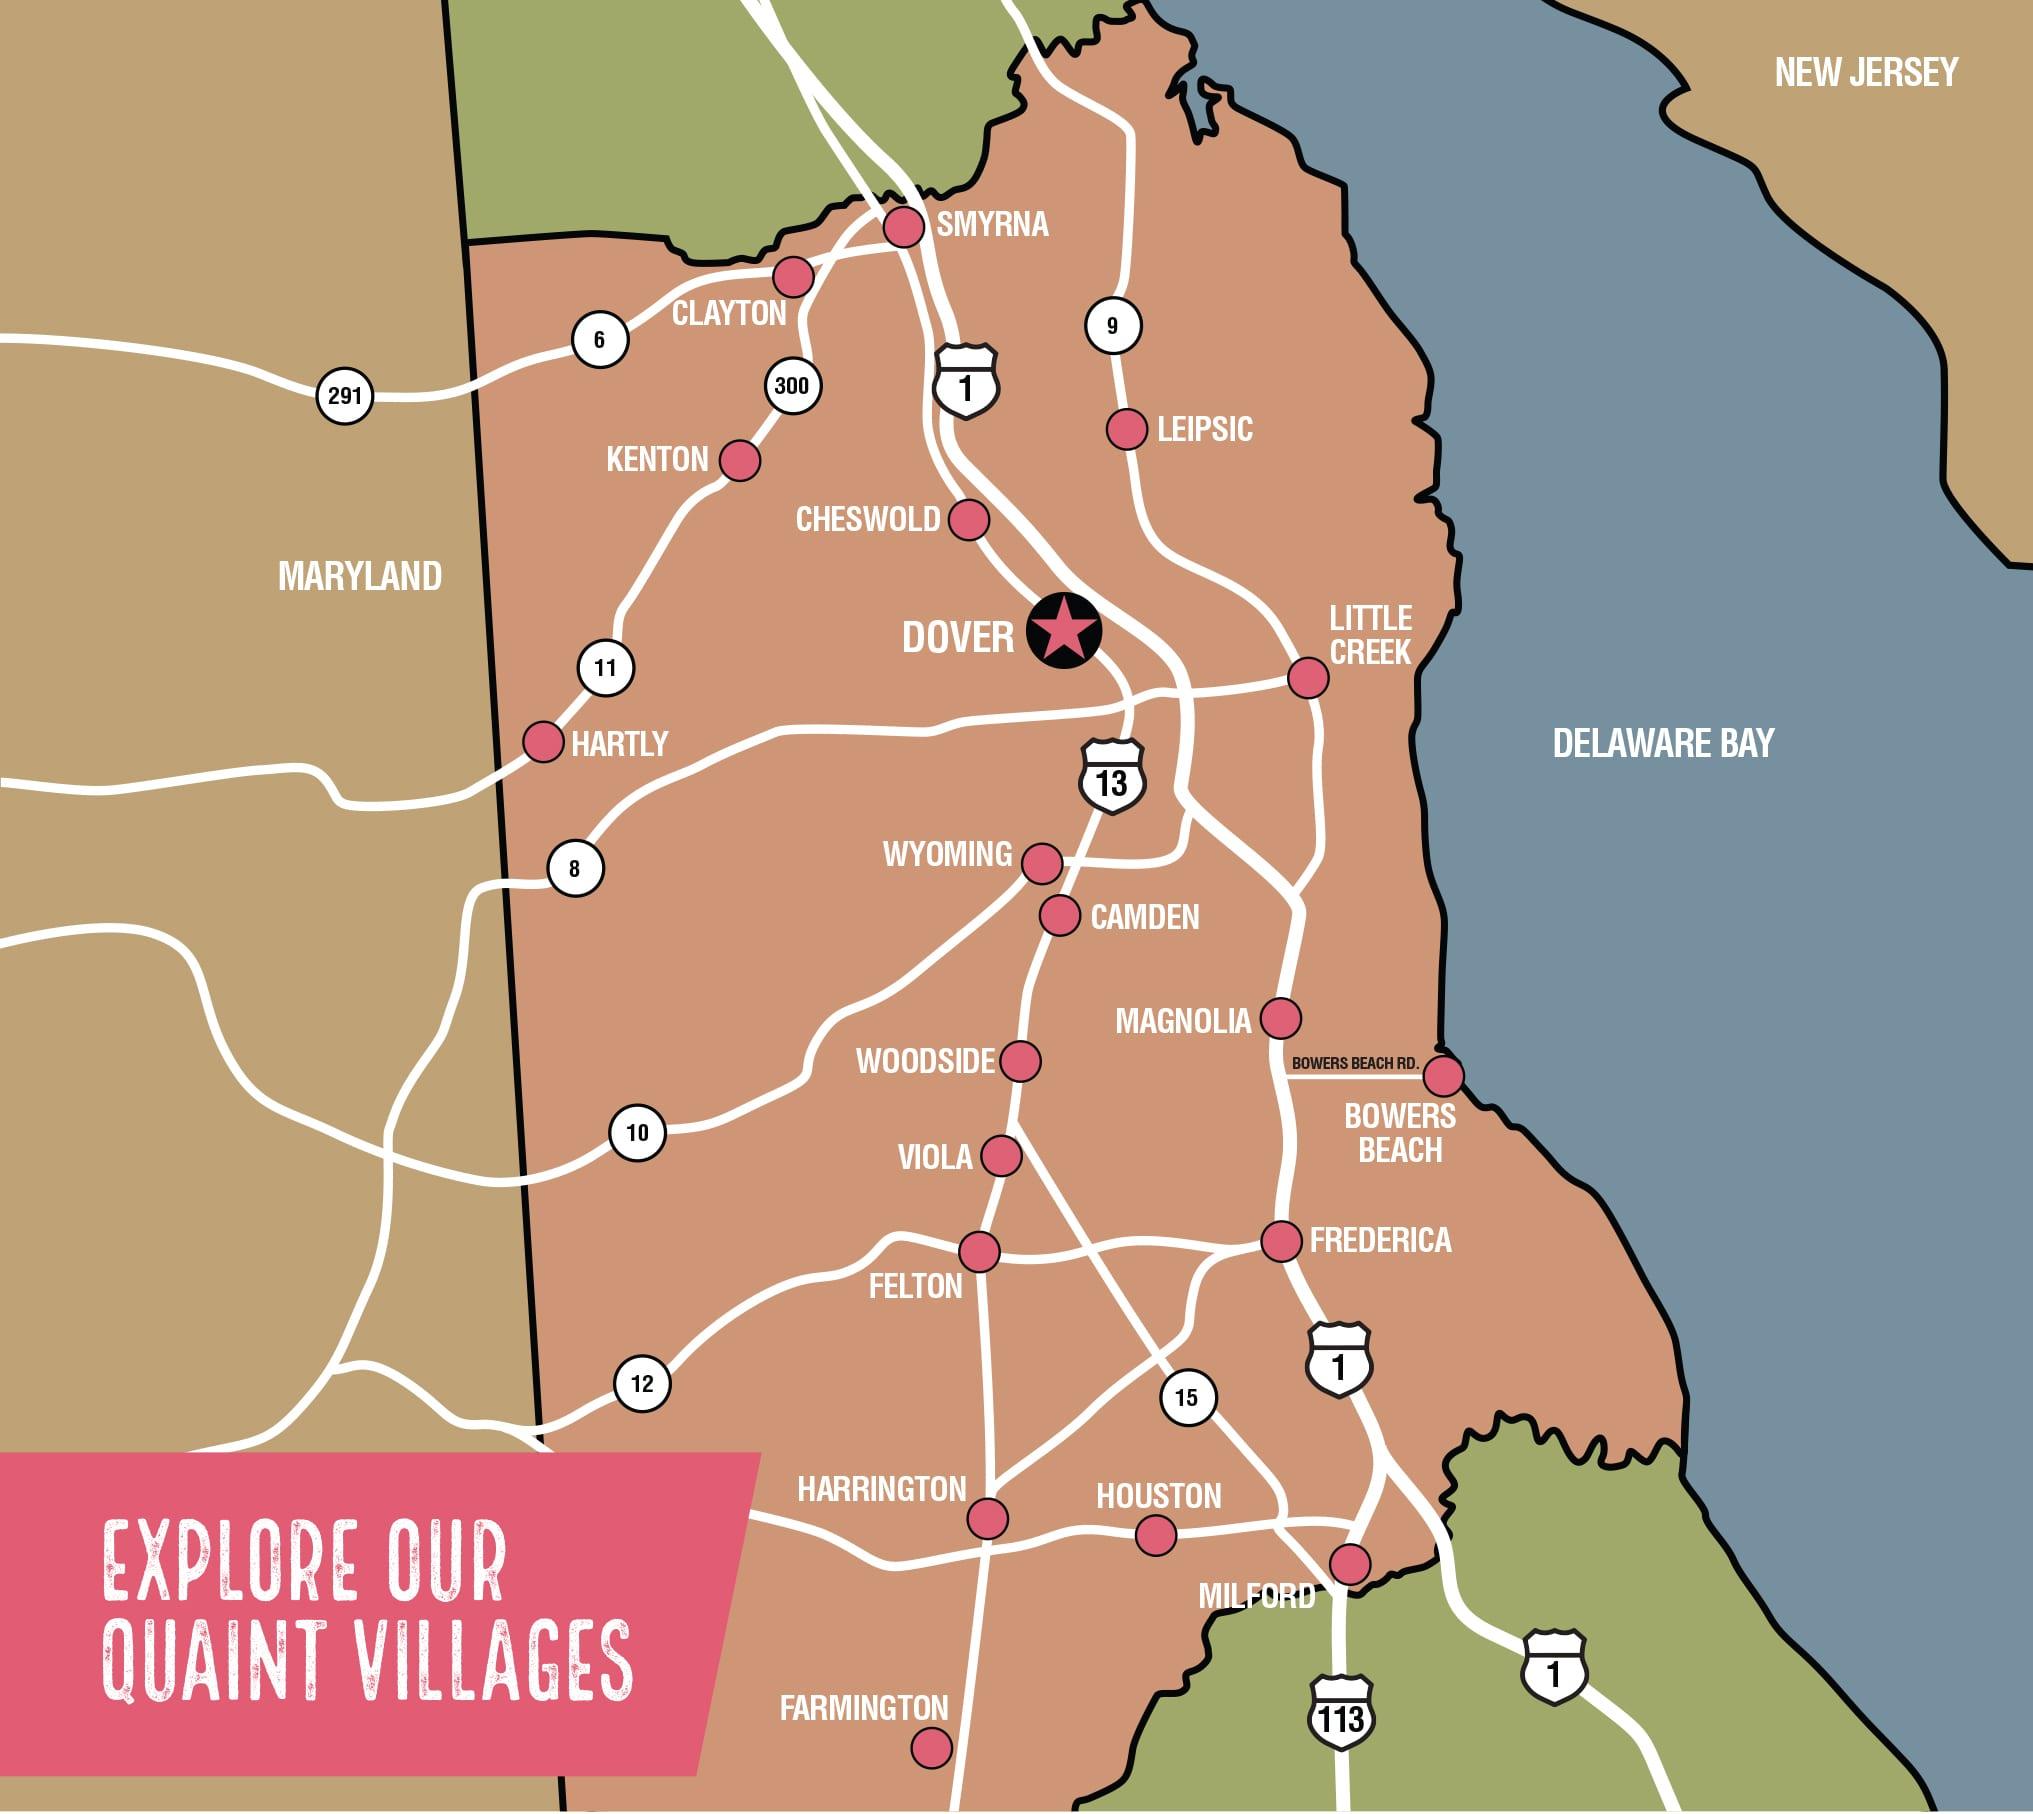 Delaware quaint villages map